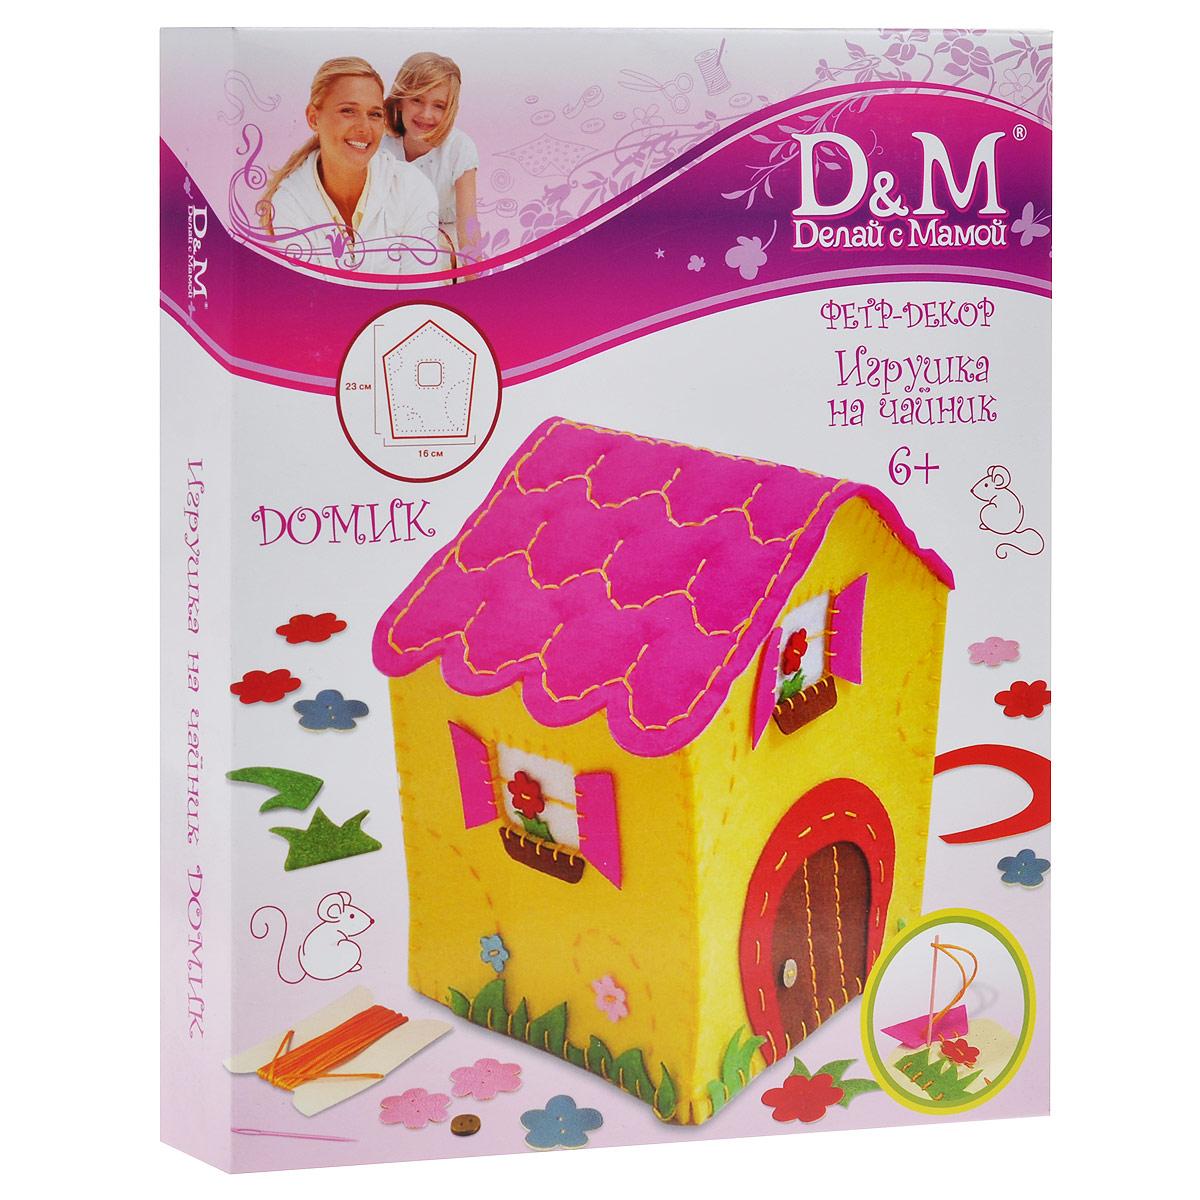 """С помощью набора для детского творчества вы и ваш ребенок сможете создать уникальную игрушку на чайник D&M """"Домик"""". Симпатичный аксессуар на чайник можно легко и просто сшить своими руками. В наборе есть все необходимое. Он абсолютно точно станет отличным украшением любой кухни. Оригинальный набор для творчества позволит ребенку стать дизайнером. А яркие игрушки поднимут настроение и могут стать отличным подарком друзьям и близким. Набор включает в себя Фетровые детали, нитки, пуговицу, безопасную иглу, набивной материал, инструкцию на русском языке. Благодаря набору ваш ребенок научится творчески решать поставленные задачи, разовьет интеллектуальные и инструментальные способности, воображение, терпение и кругозор."""